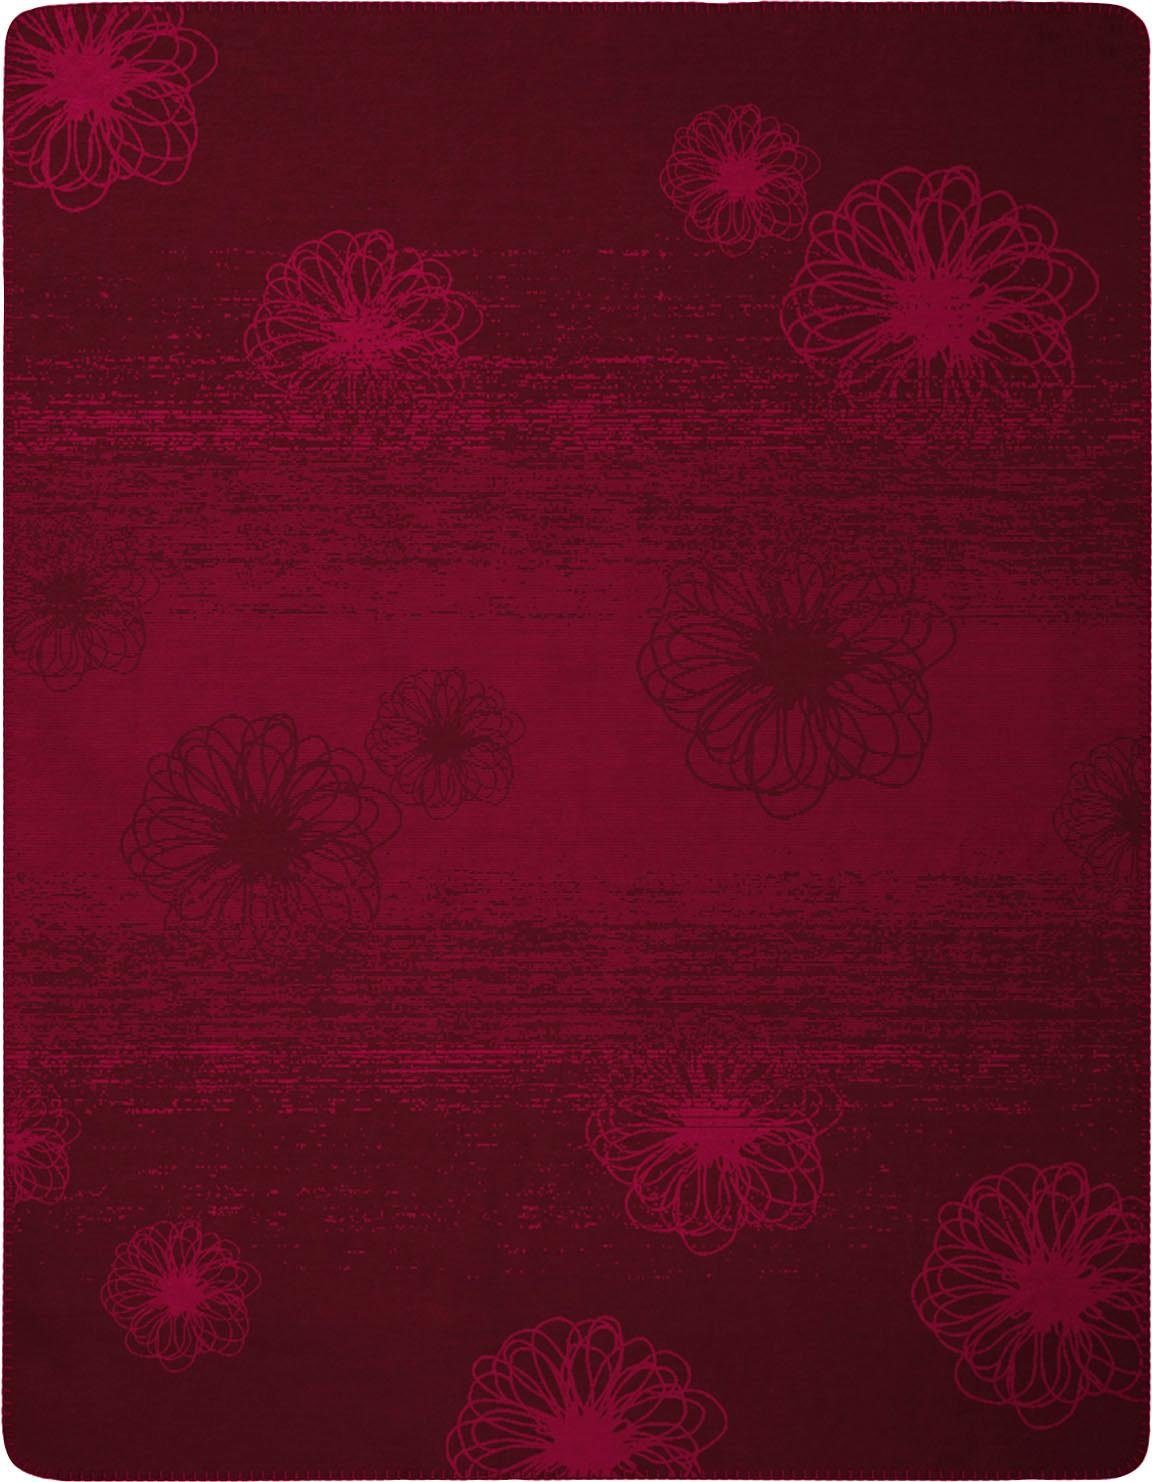 Wohndecke »Flower Shades«, BIEDERLACK, mit blumenartigem Muster